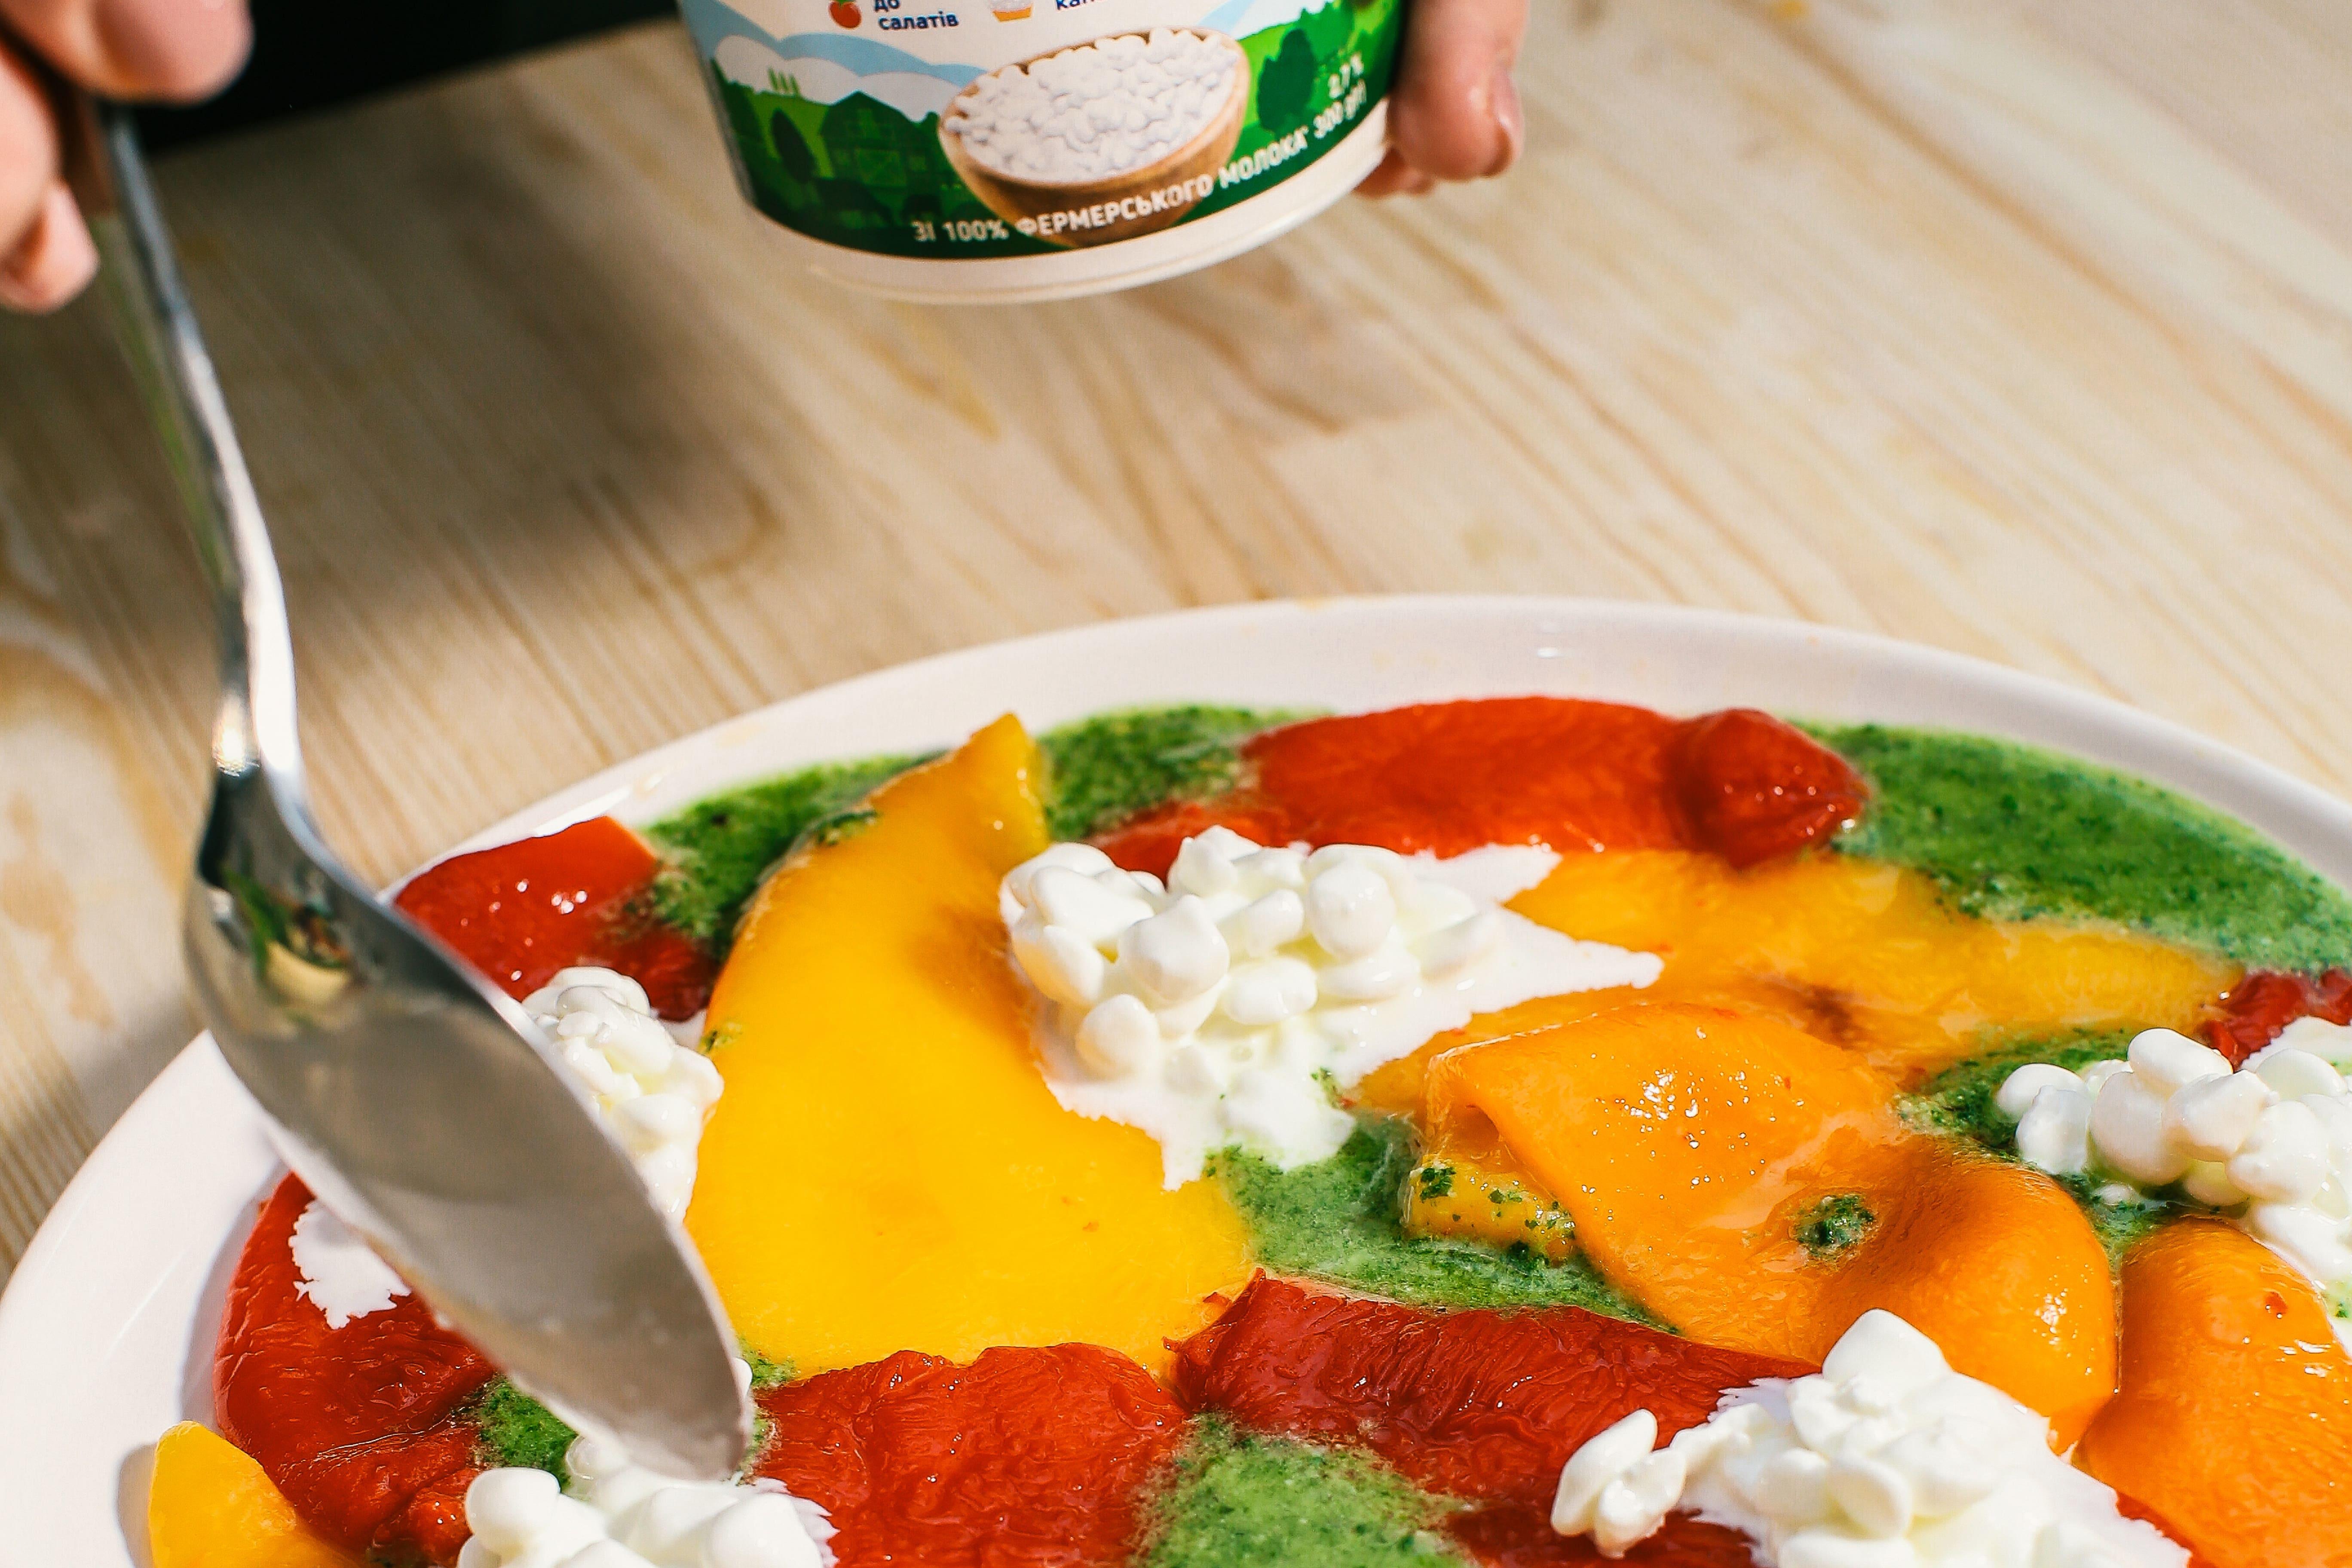 Подати страву, щедро посипати зернистим сиром, свіжими травами, полити соусом песто, додати оливки та горішки.